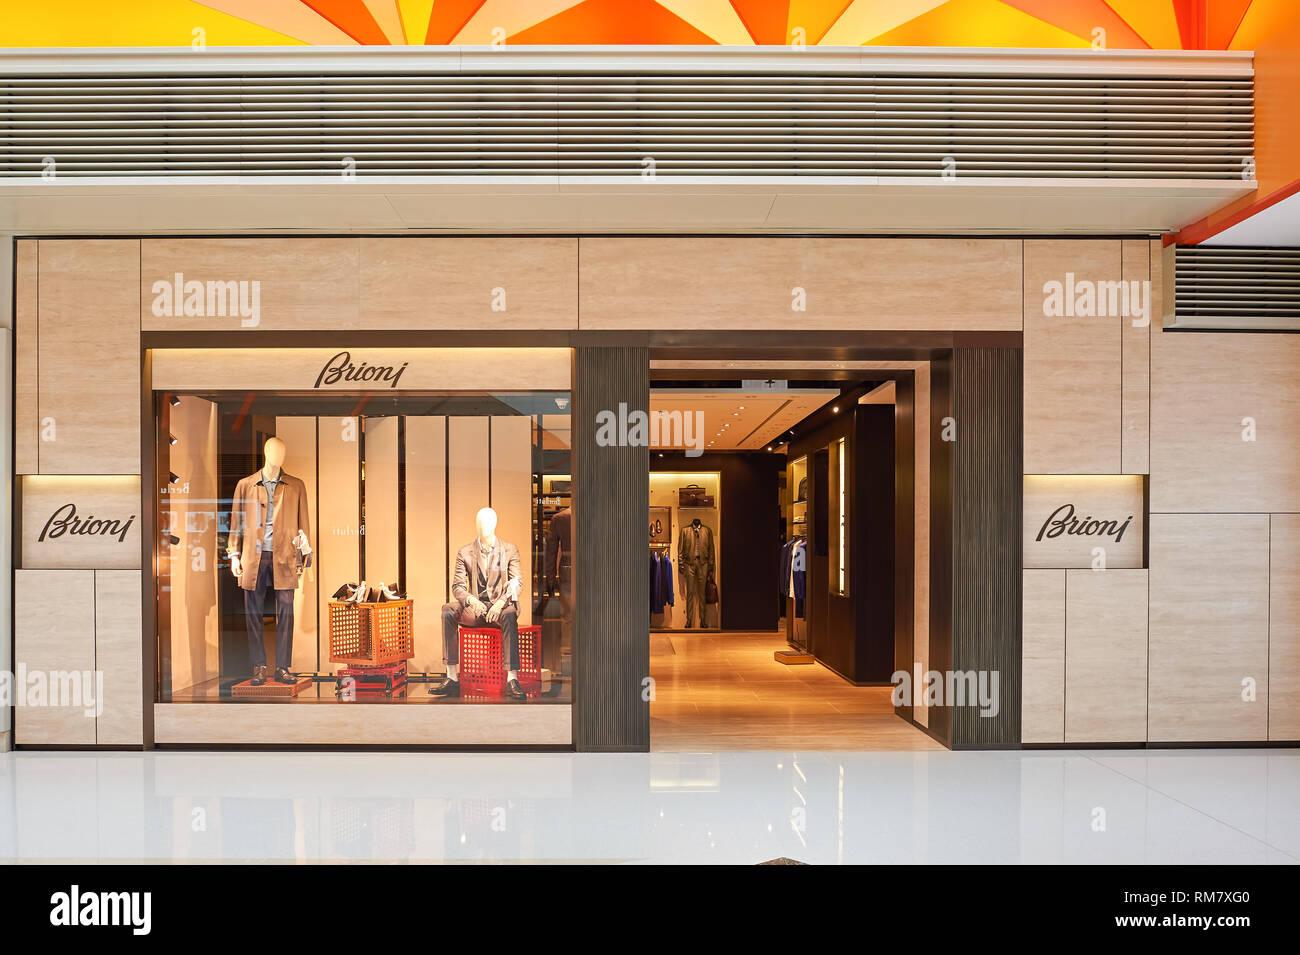 Hongkong - Januar 26, 2016: Brioni Store an der Elemente Shopping Mall. Brioni ist eine italienische Herrenmode couture Haus durch die französische Holdinggesellschaft im Besitz Stockbild